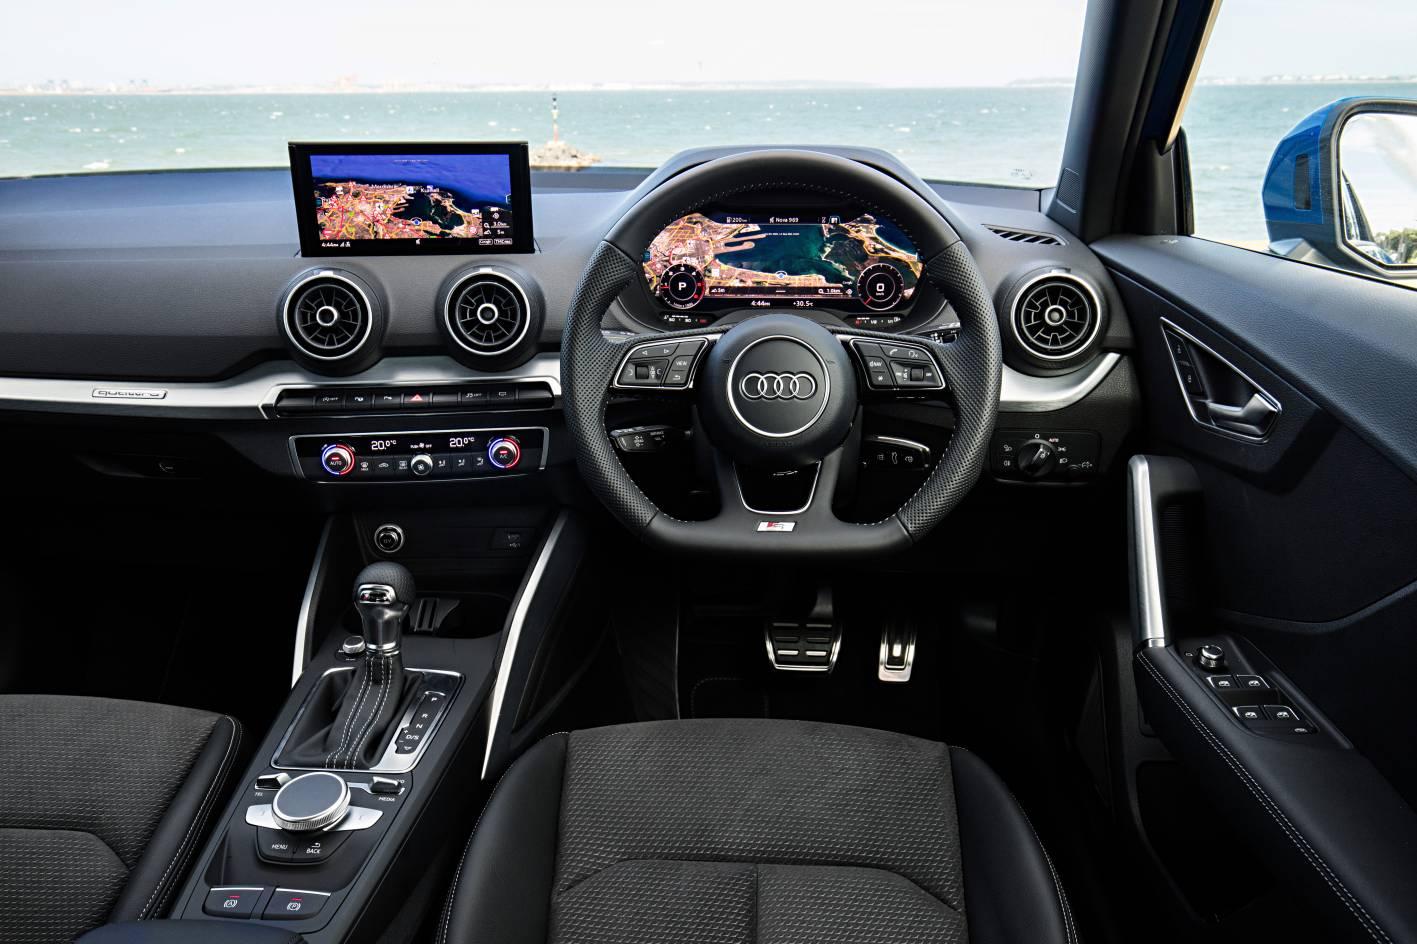 Audi q5 quattro system review